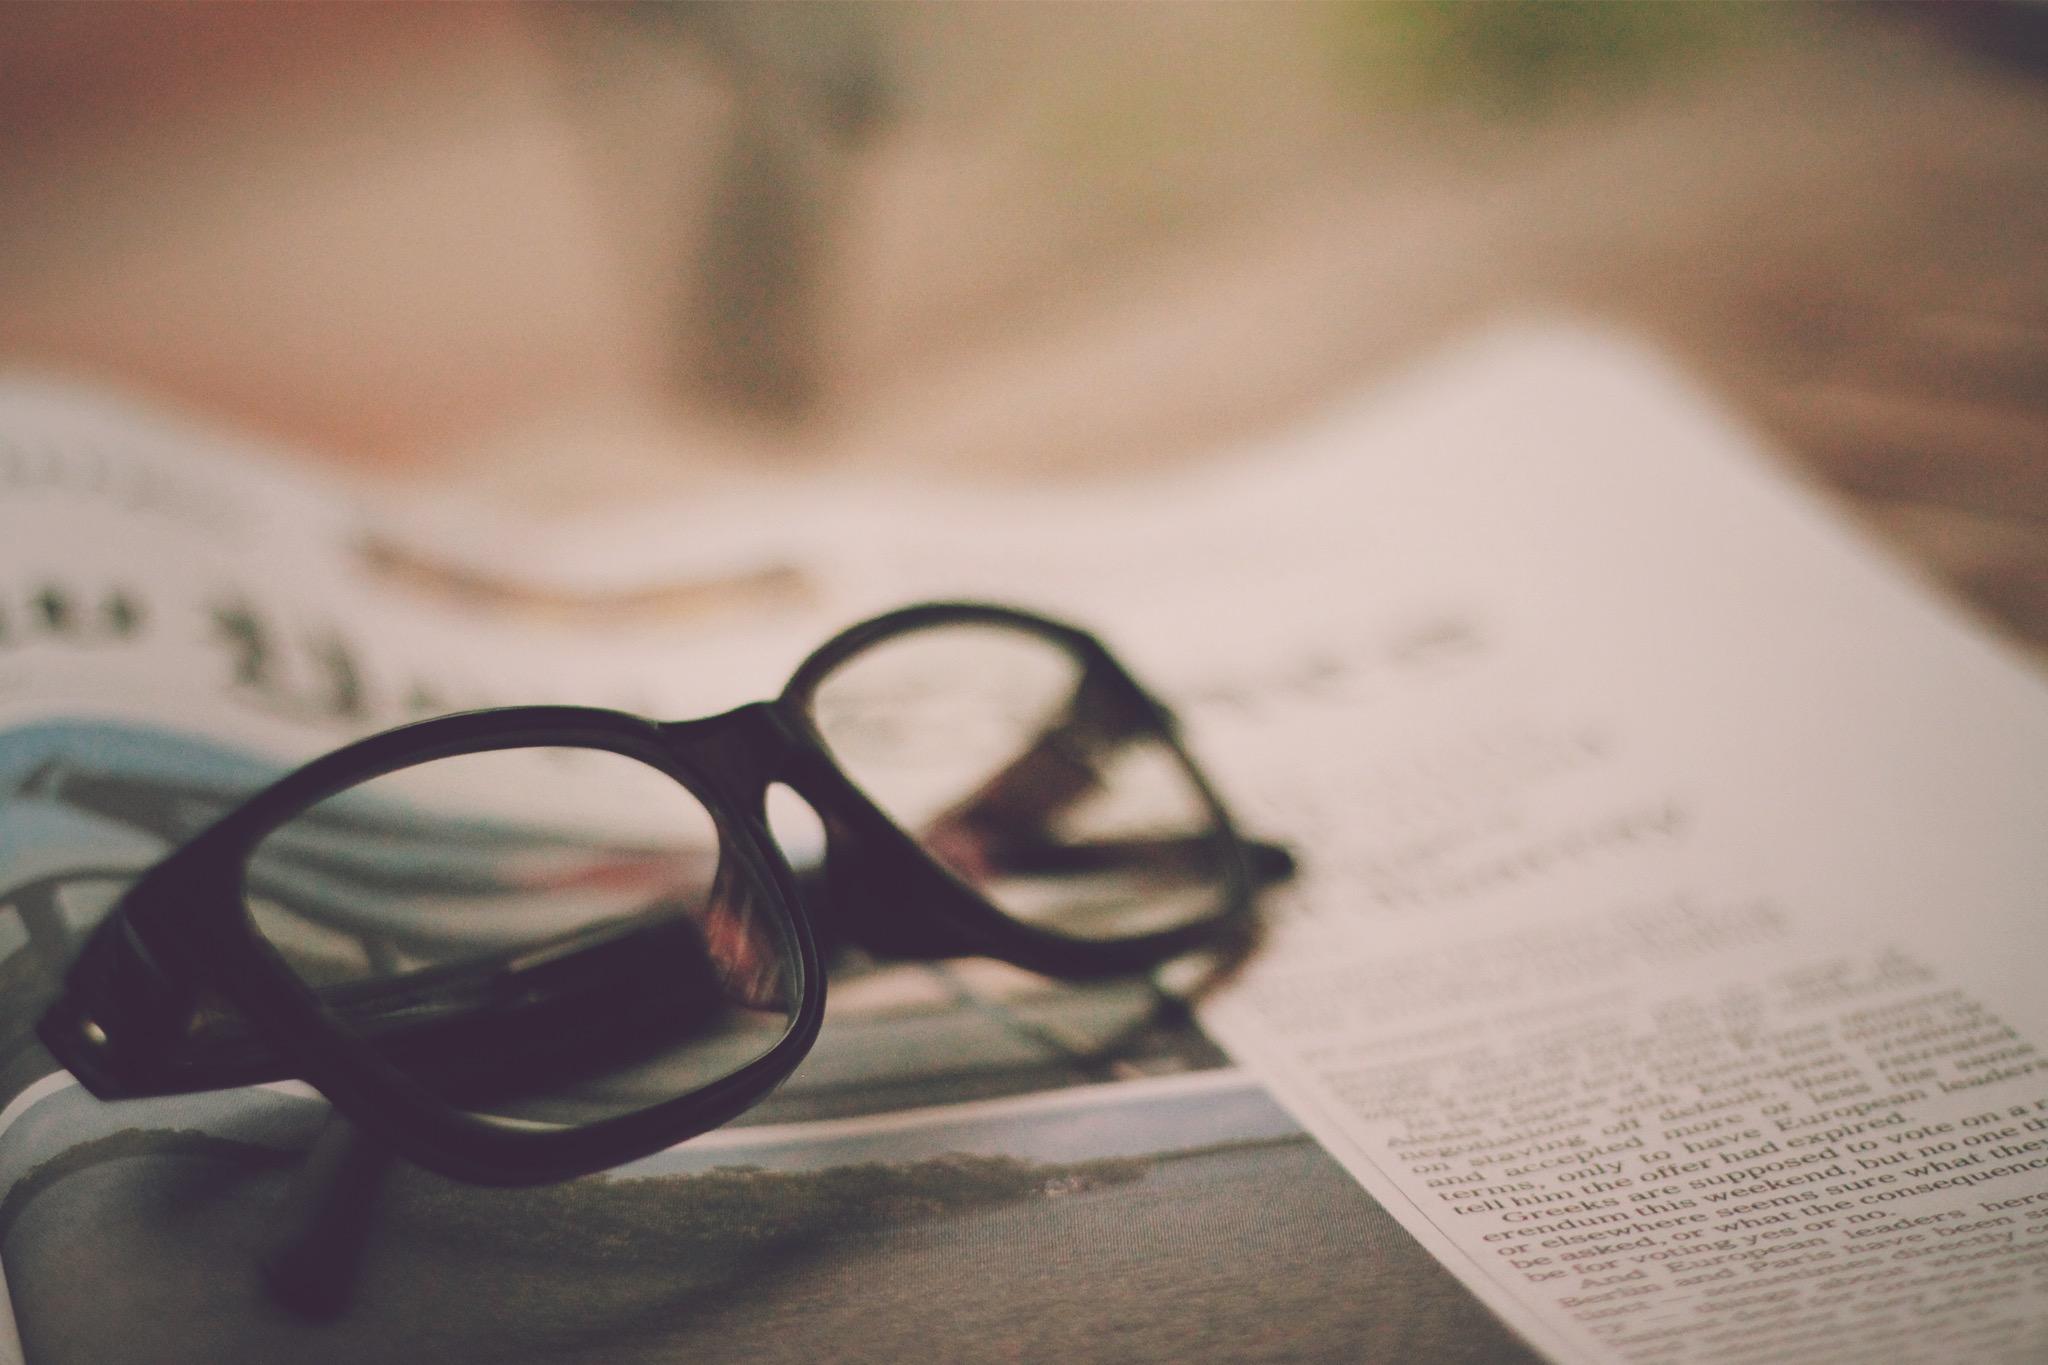 おしゃれ女子に人気アイテムは、色付き眼鏡のようなサングラスのサムネイル画像